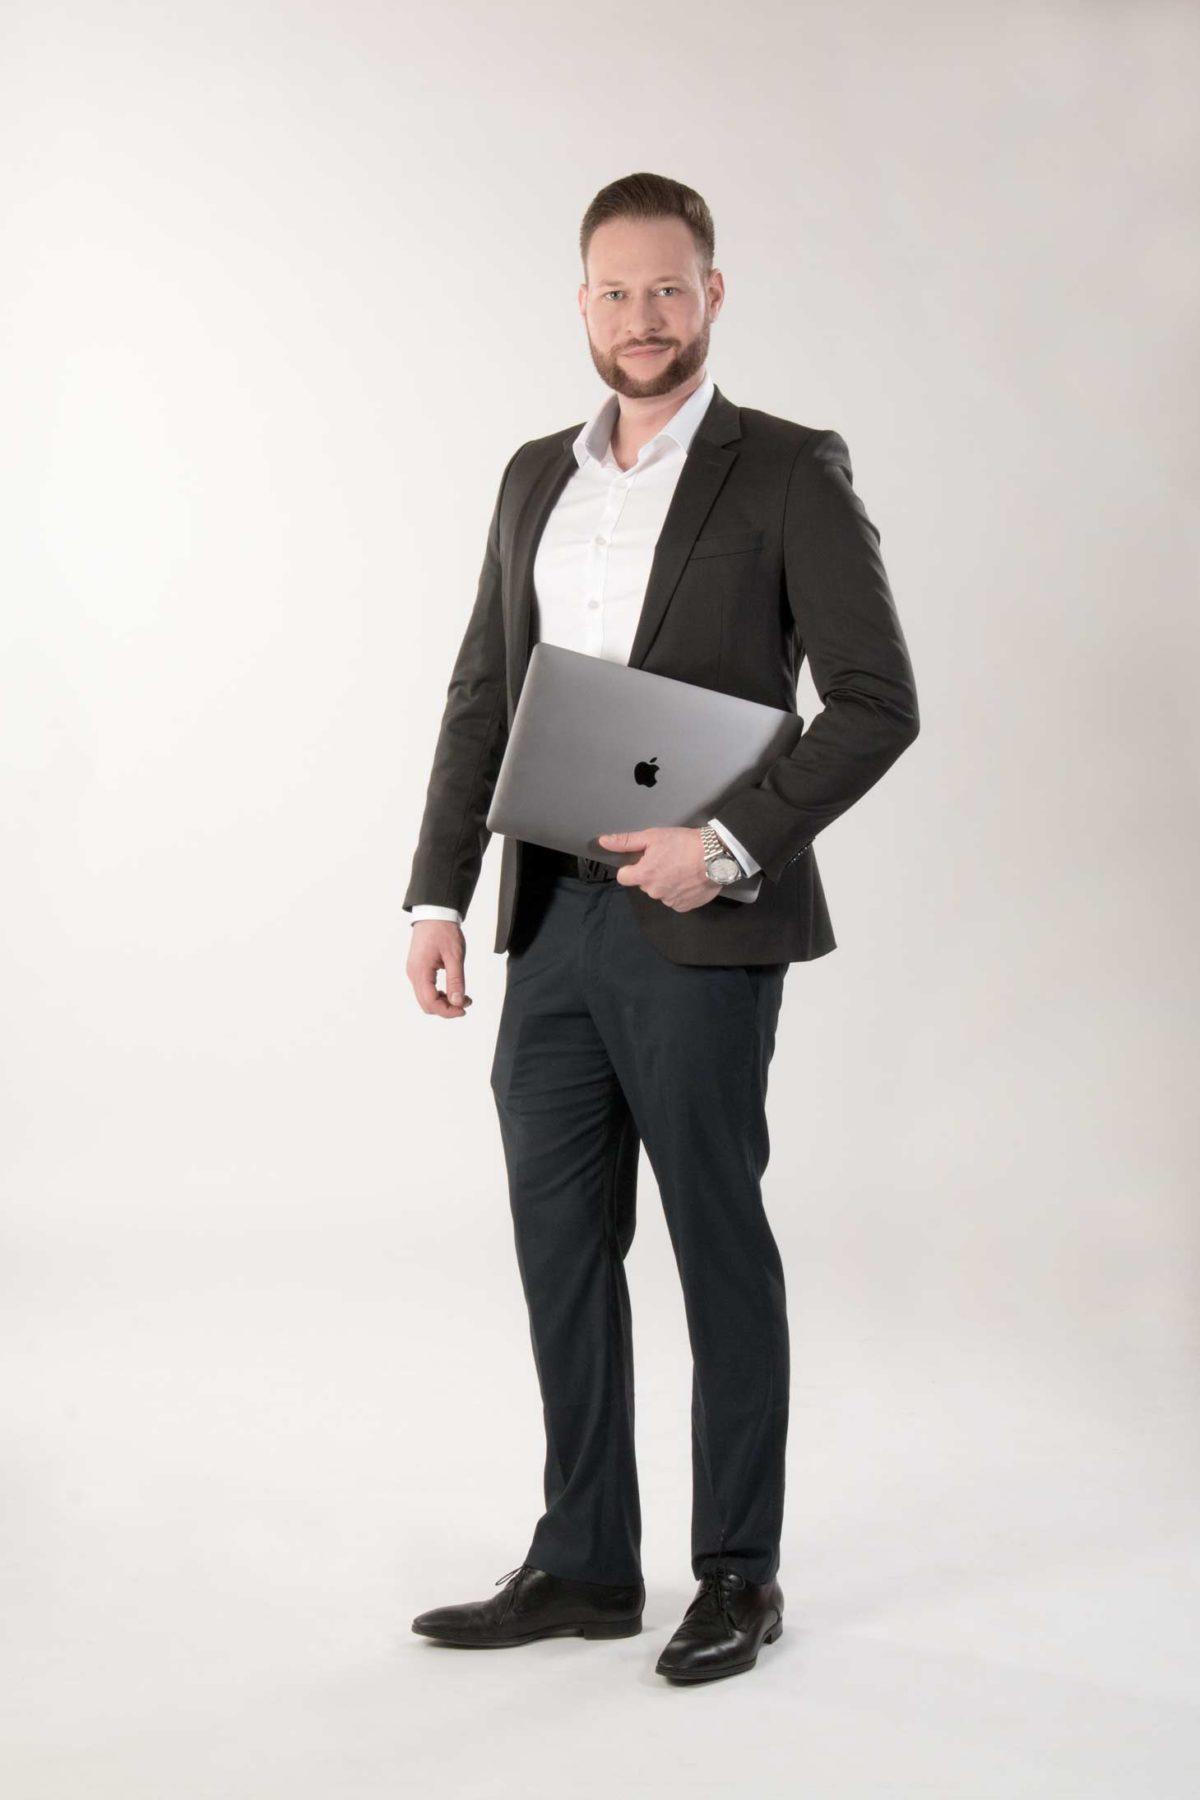 Webdesign und Marketing Niklas Hornig steht am Laptop Ganzkörper